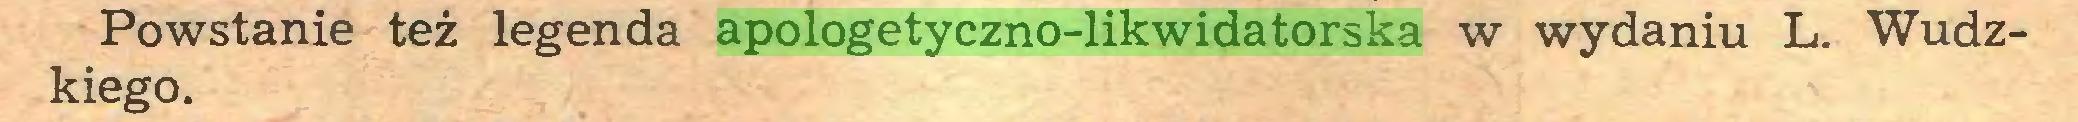 (...) Powstanie też legenda apologetyczno-likwidatorska w wydaniu L. Wudzkiego...